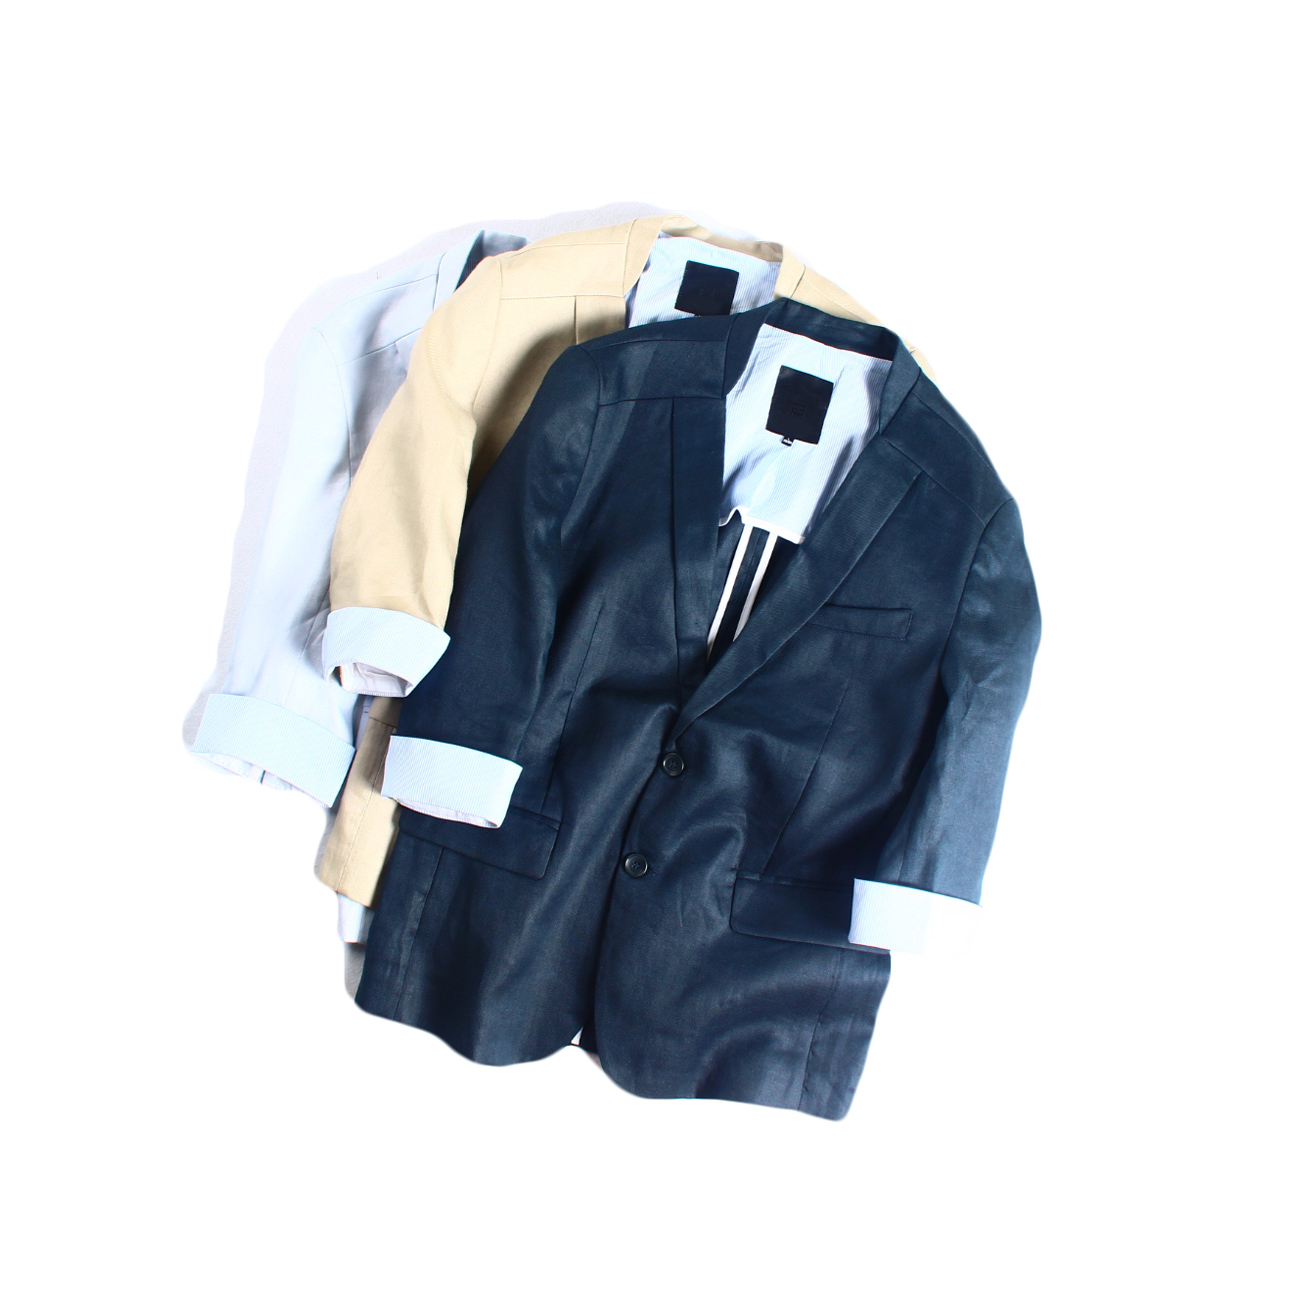 日本西装男 日系男高端苎麻气氛帅气显瘦七分袖西服修身小西装_推荐淘宝好看的日西装男